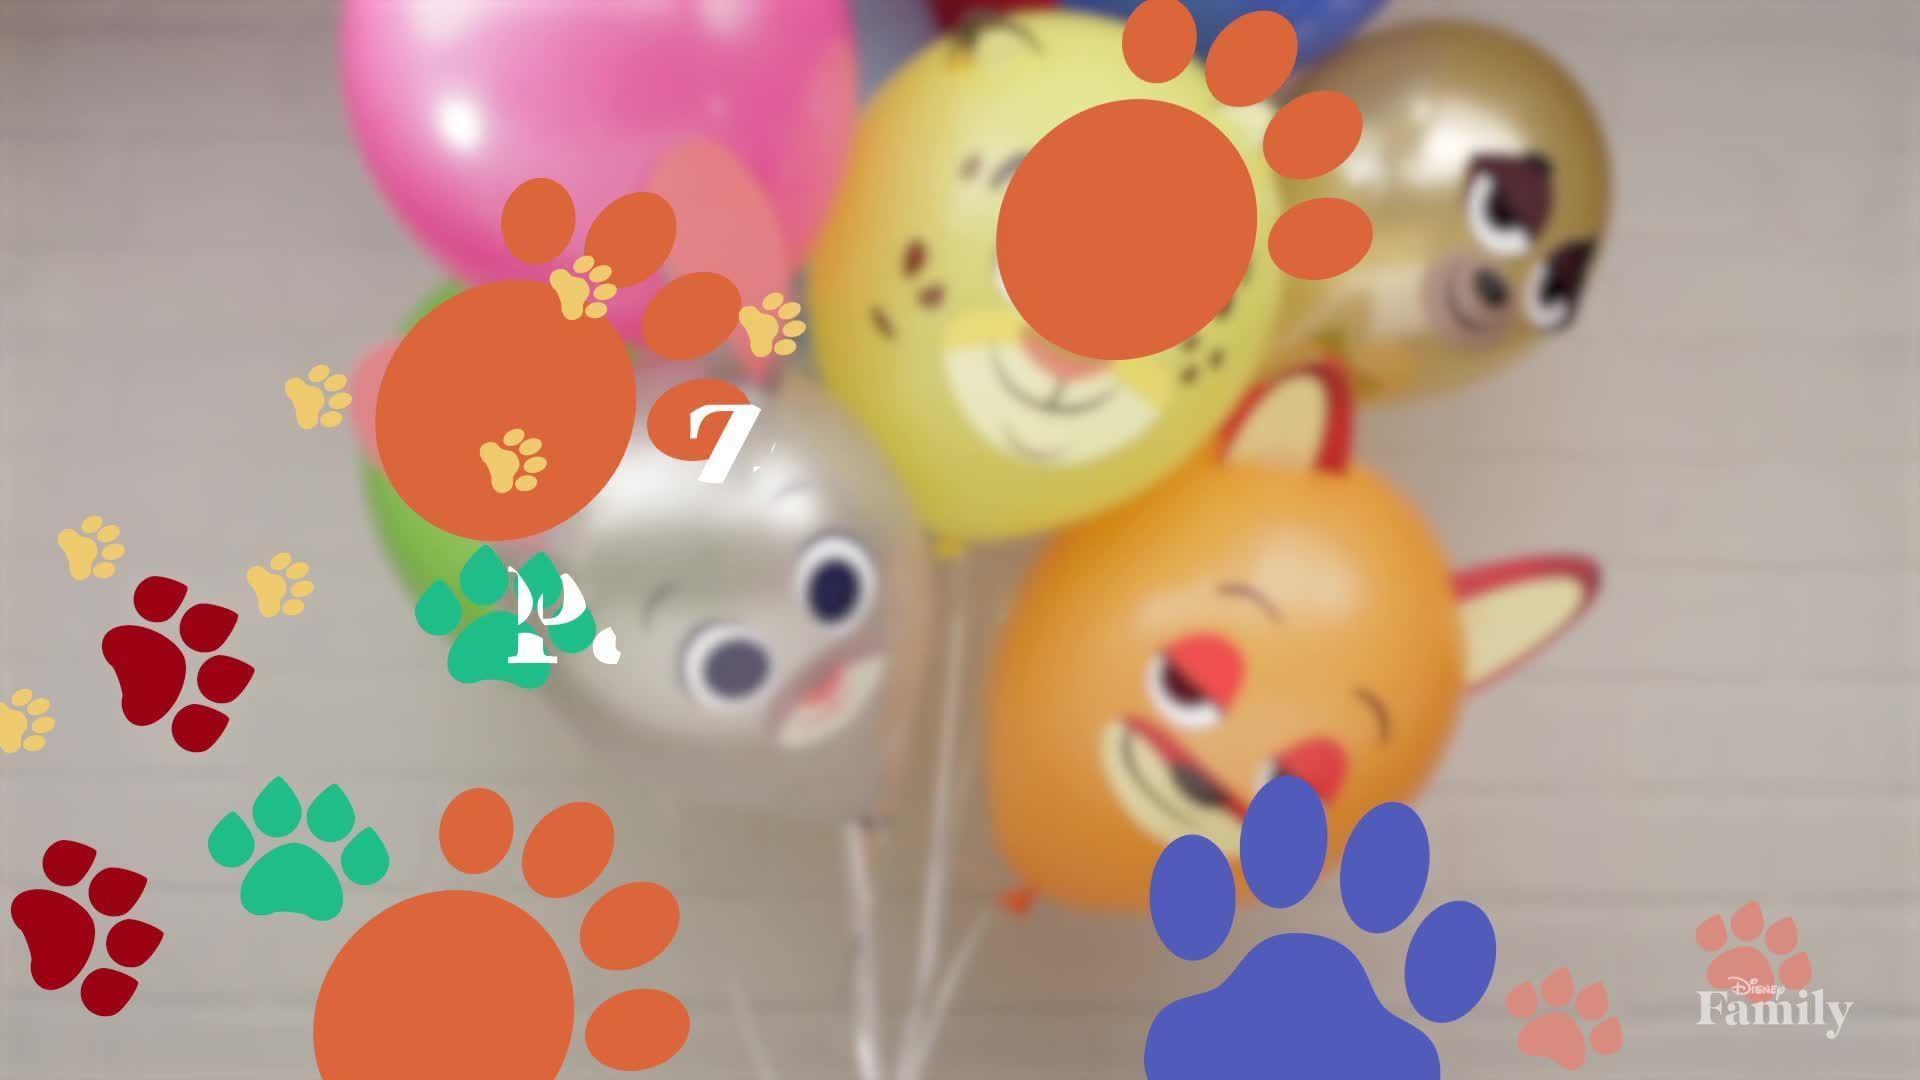 Disney Family: Zootopia Party Balloons